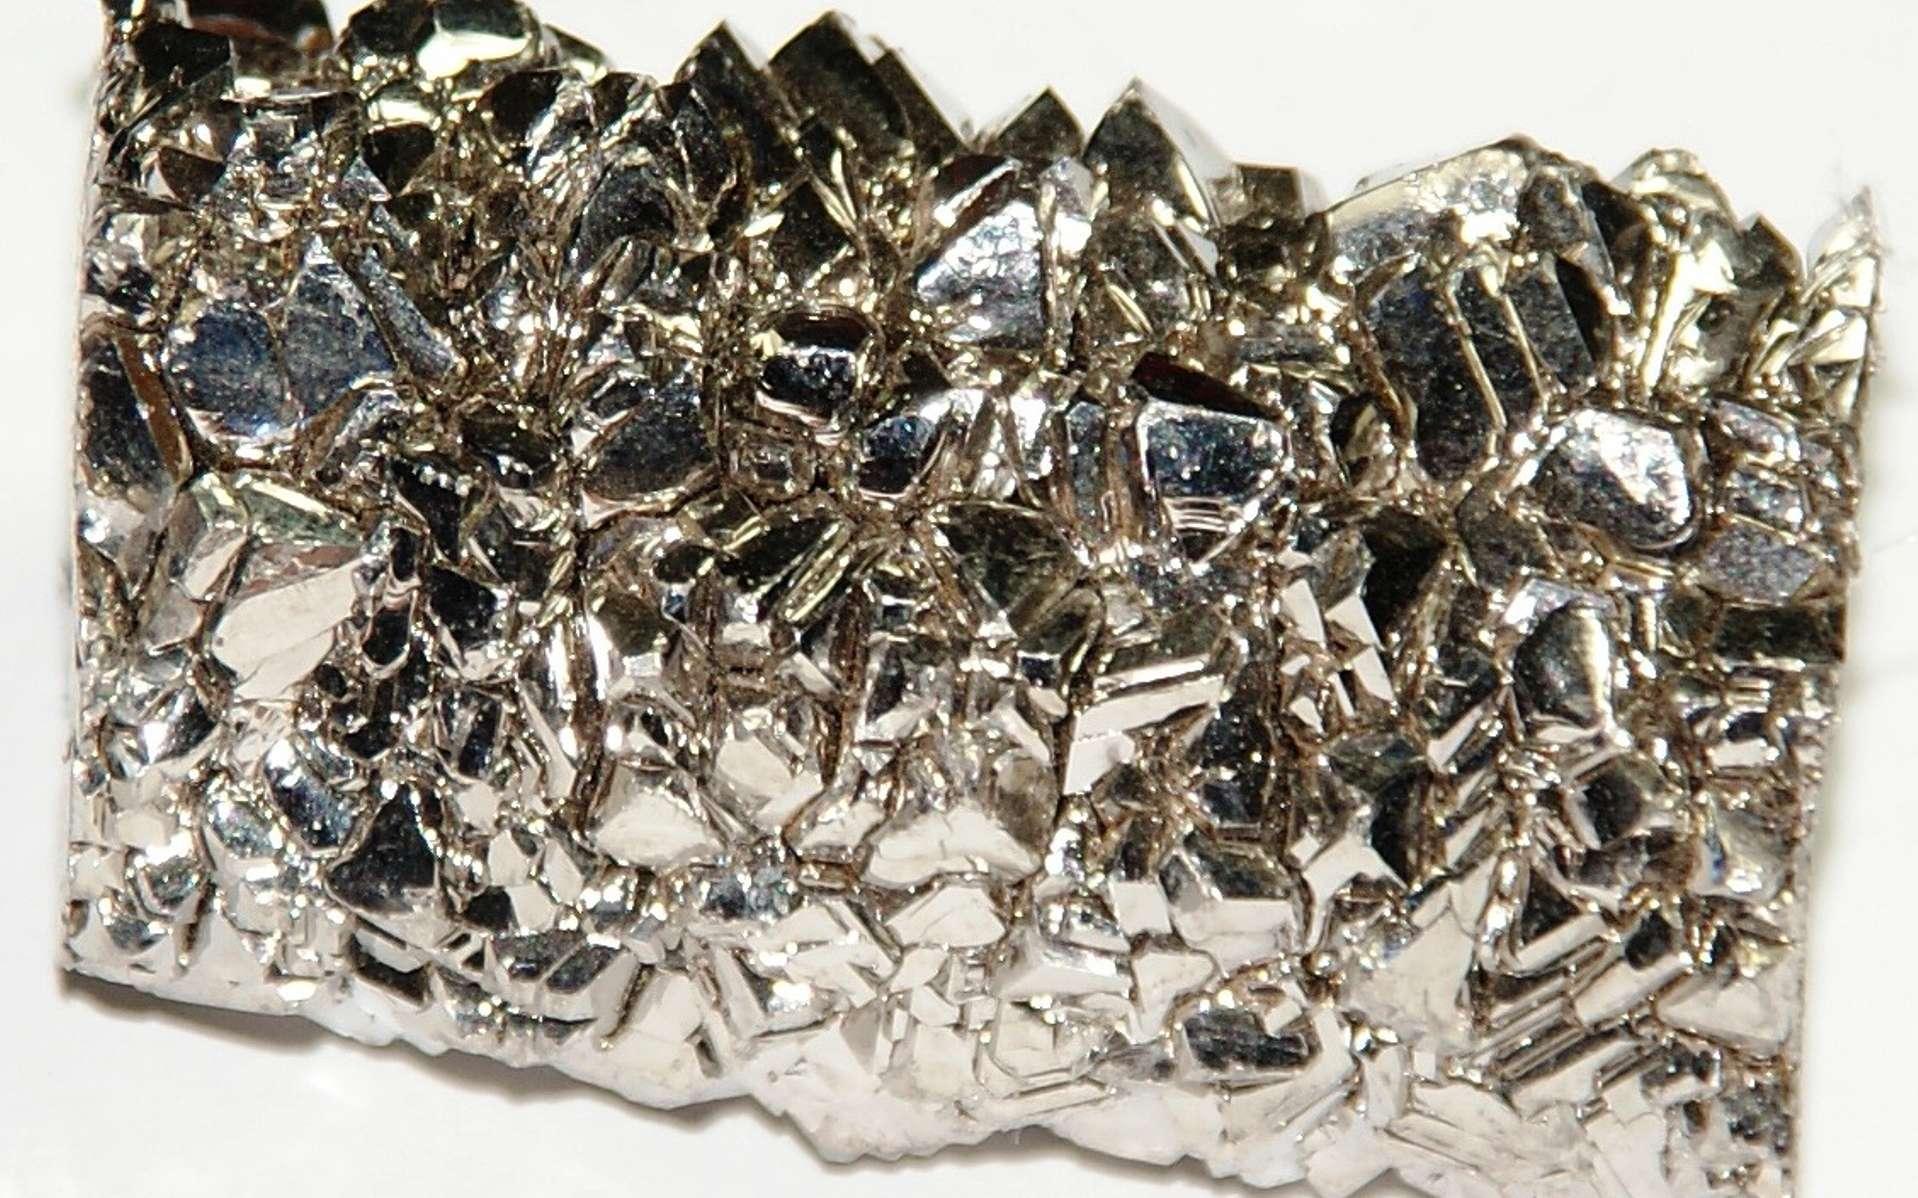 Un bloc de 87 g de titane d'environ 2,5 x 4 cm, obtenu selon le procédé van Arkel-de Boer. En alliage avec de l'or, le matériau a une dureté équivalente, voire bien supérieure quand le réseau cristallin adopte une configuration différente, obtenue par hasard par des chercheurs. © cc by sa 3.0, images-of-elements.com